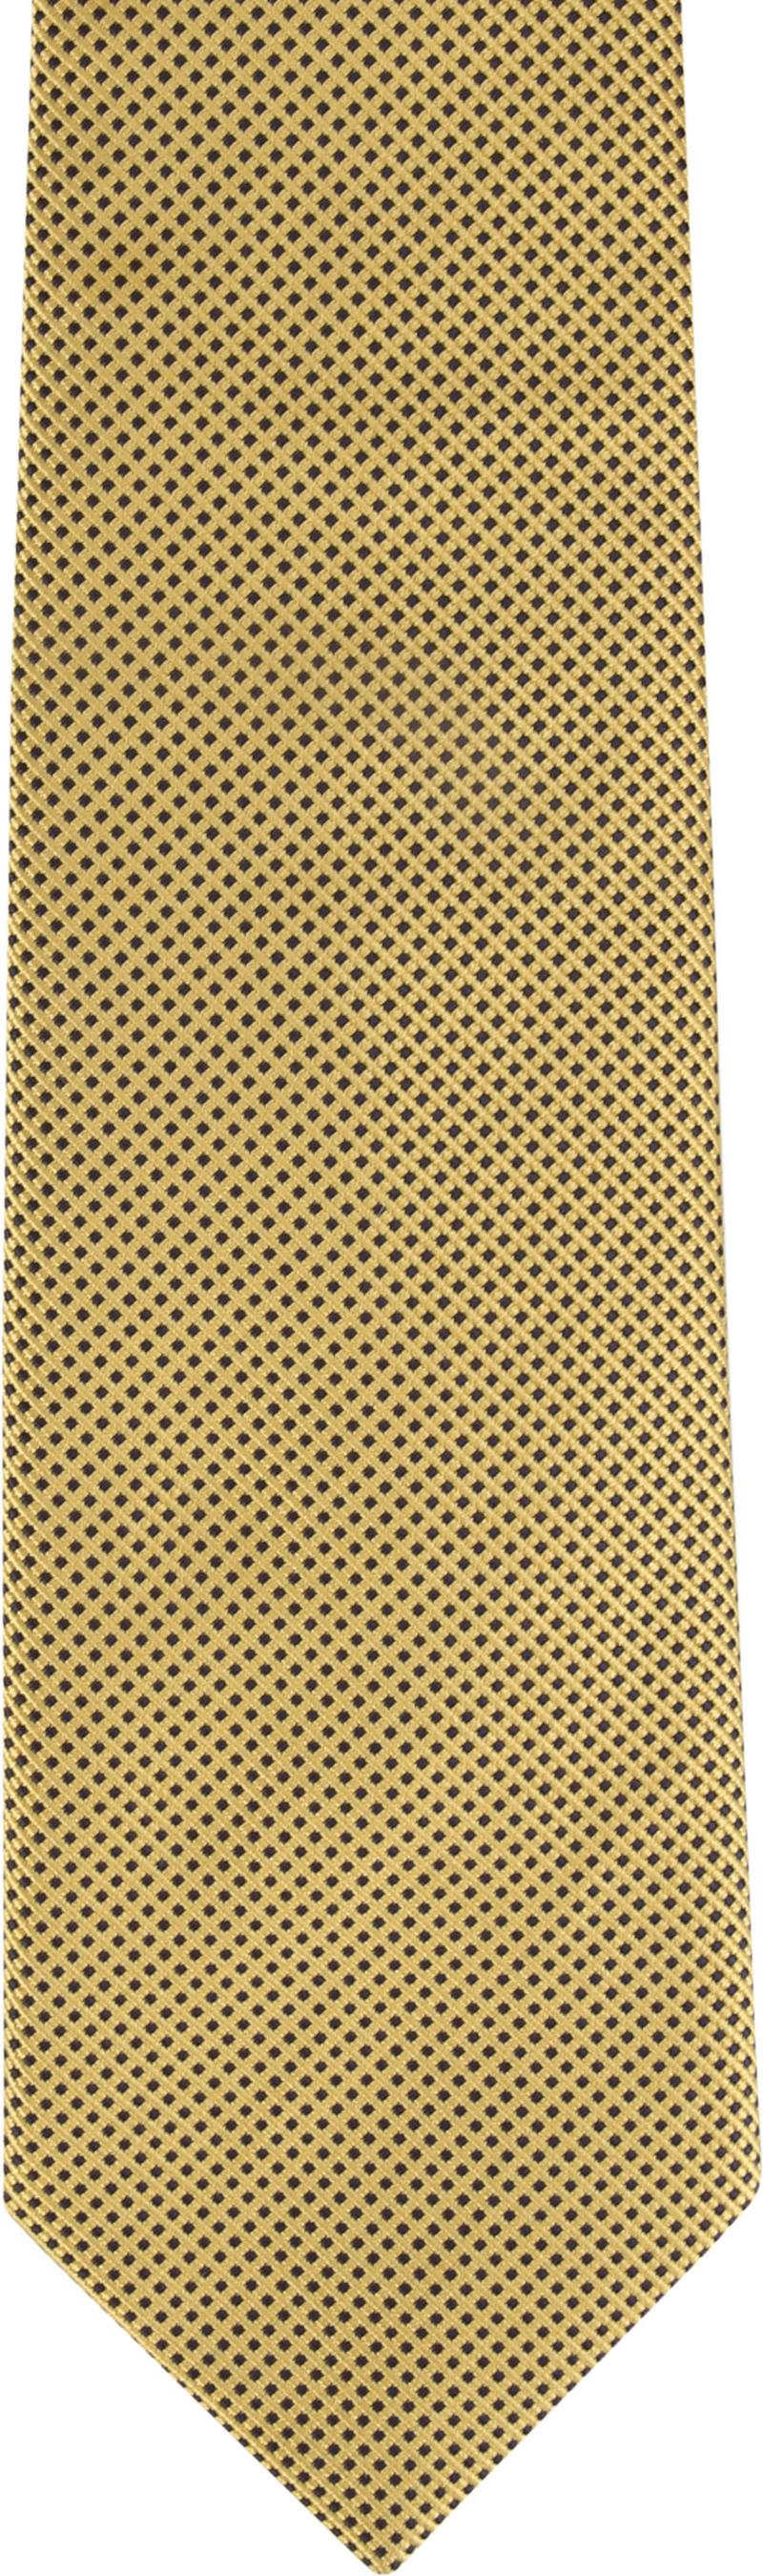 Suitable Krawatte Gelb F01-05 Foto 1